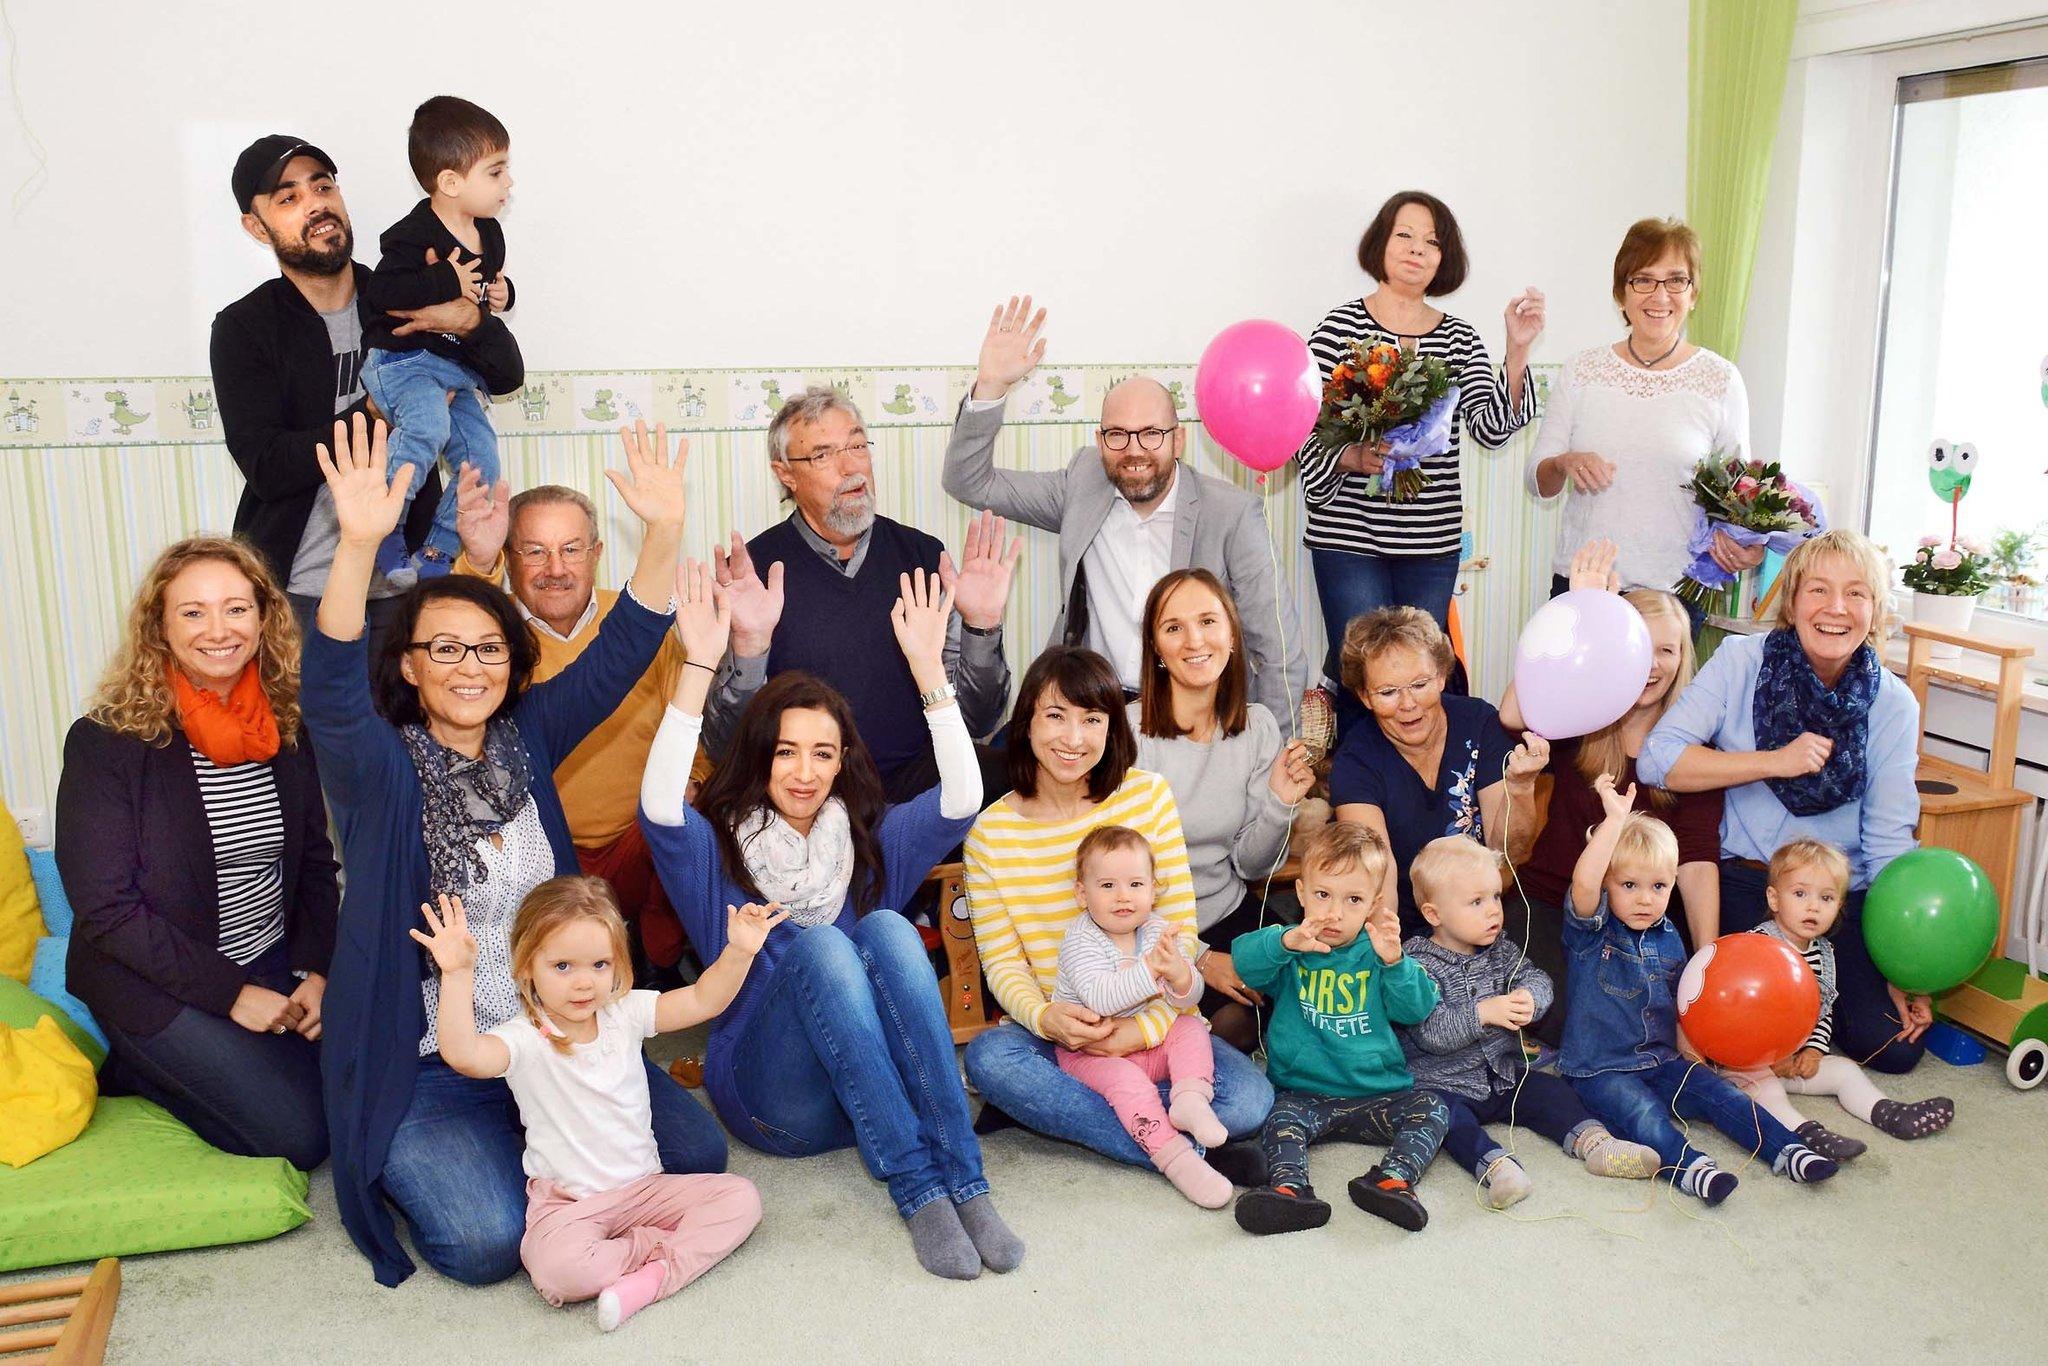 Neue Fabido Gross Tagespflegestelle Fur Neun Kinder An Der Flughafenstrasse 576 Eroffnet Die Kleinen Gartenfrosche Hupfen In Hostedde Dortmund Nord